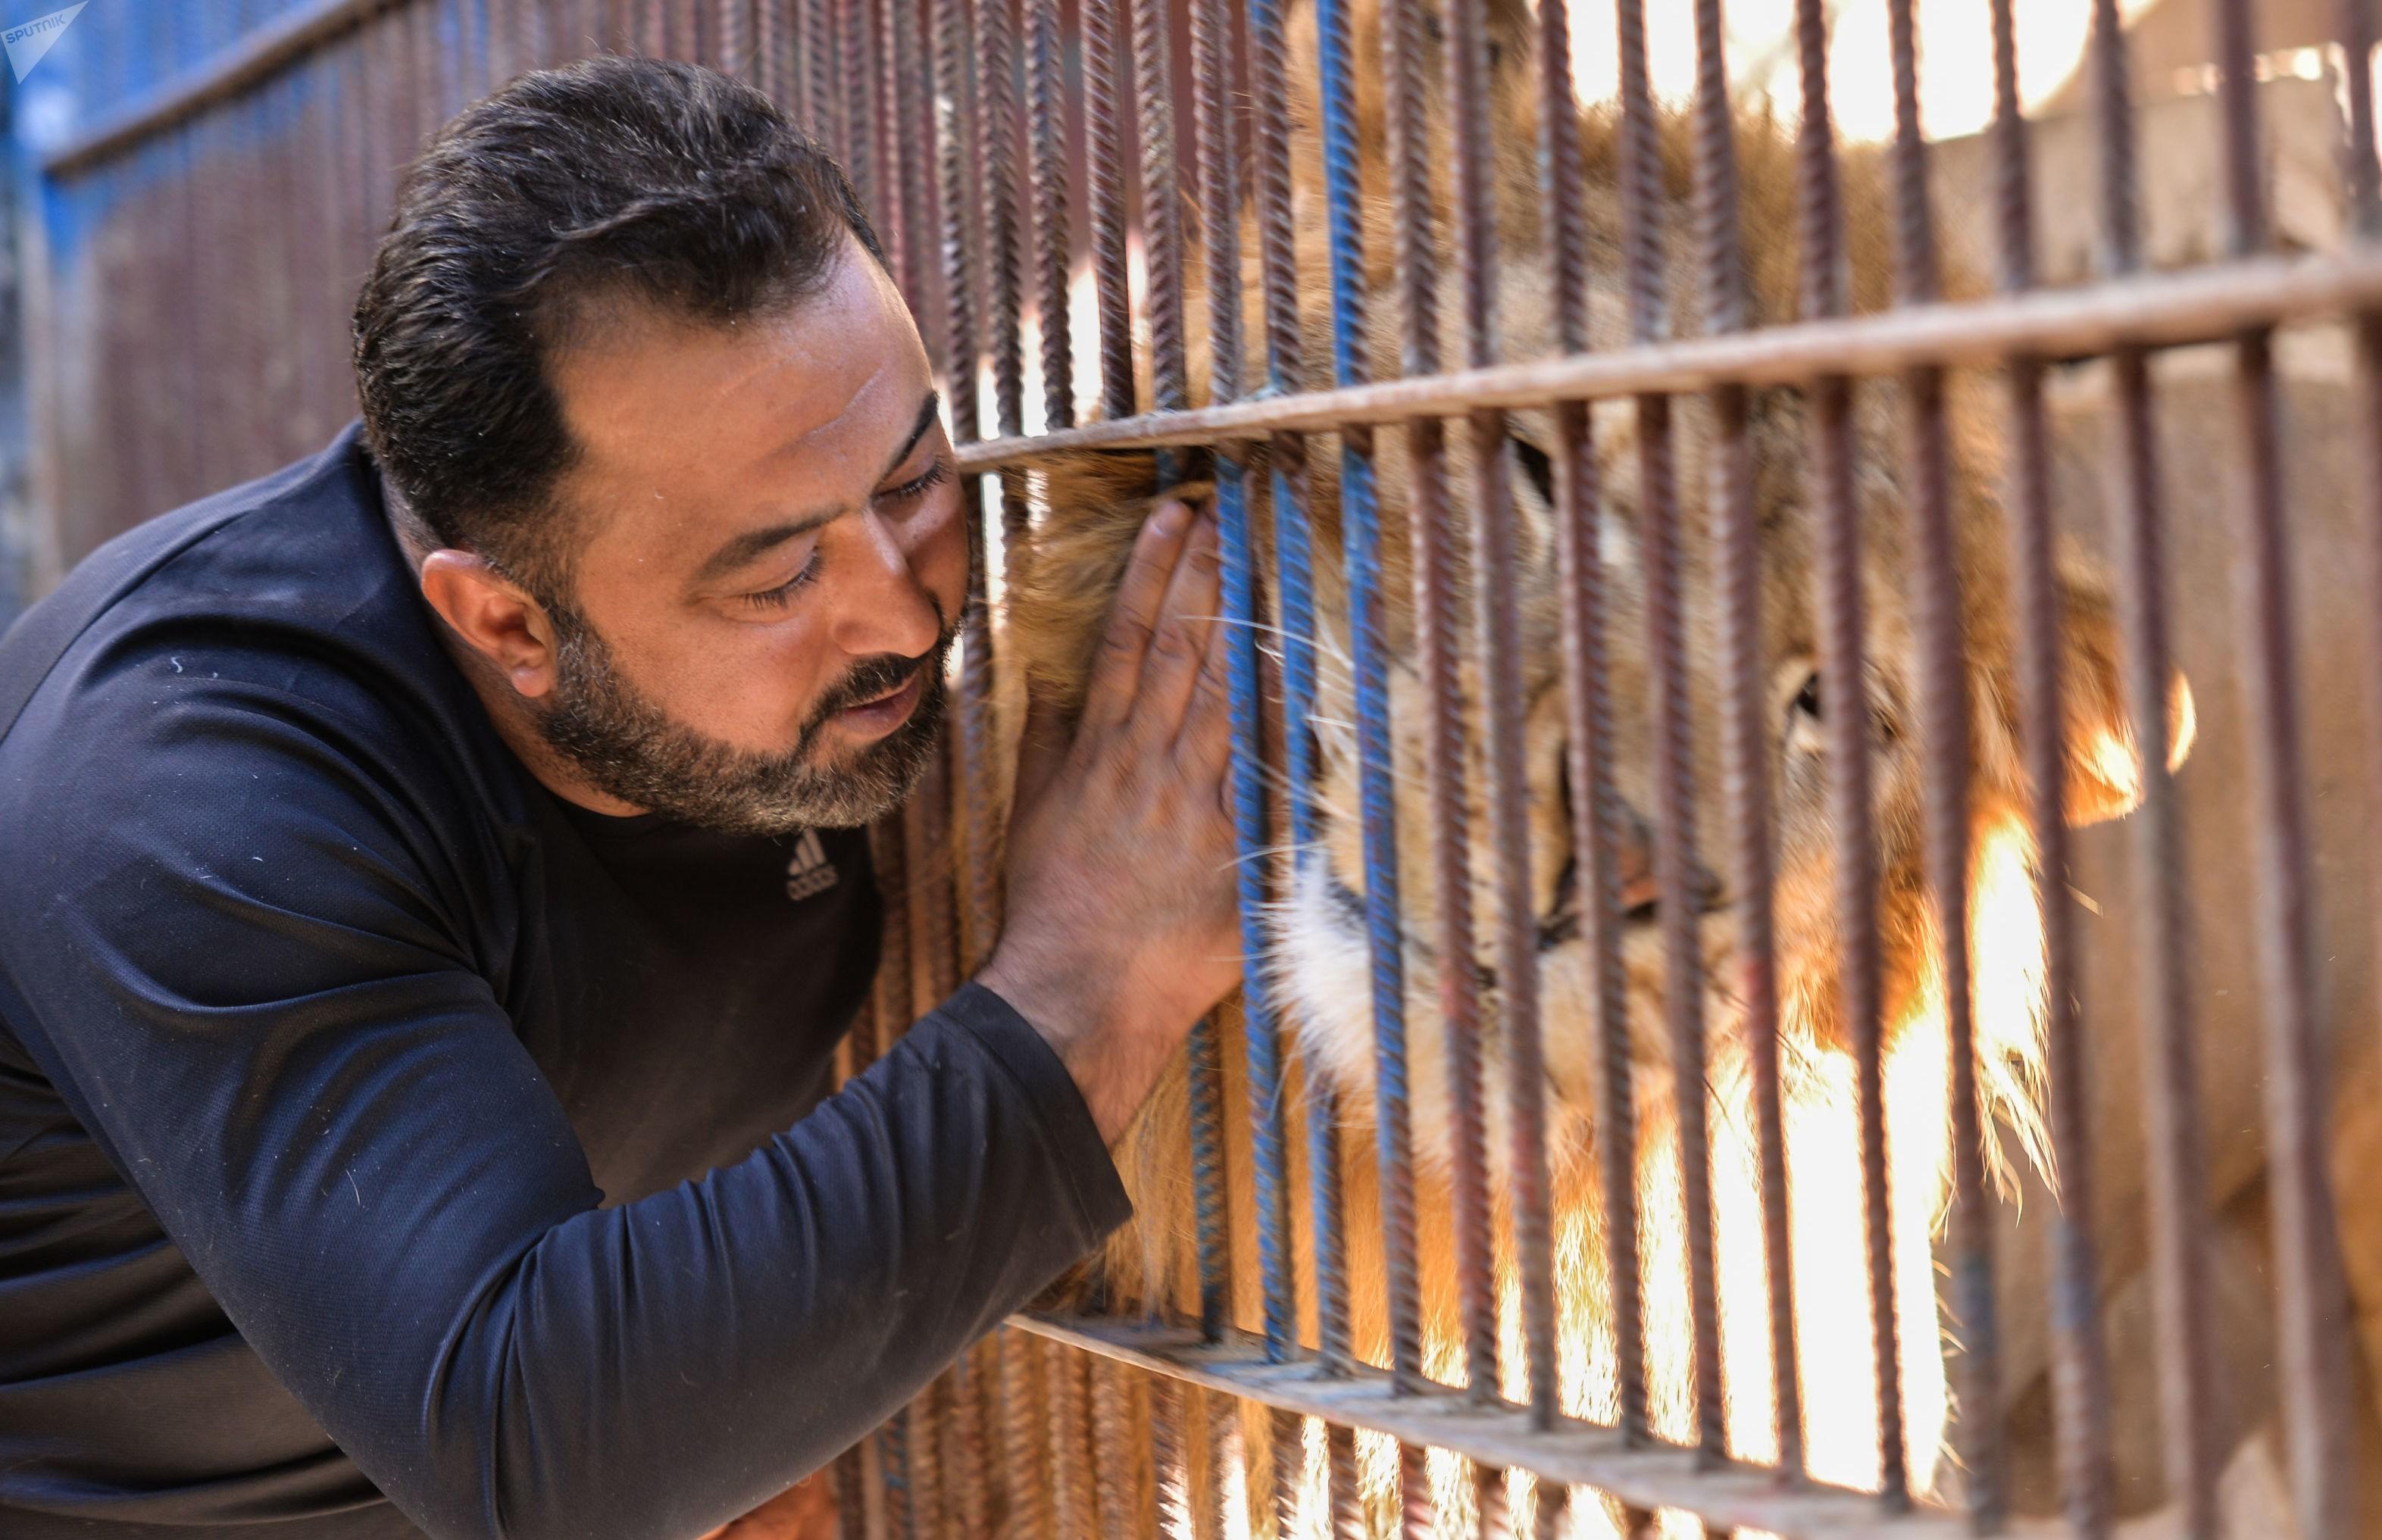 اسد شاب سوري حديقة حيوان.jpg